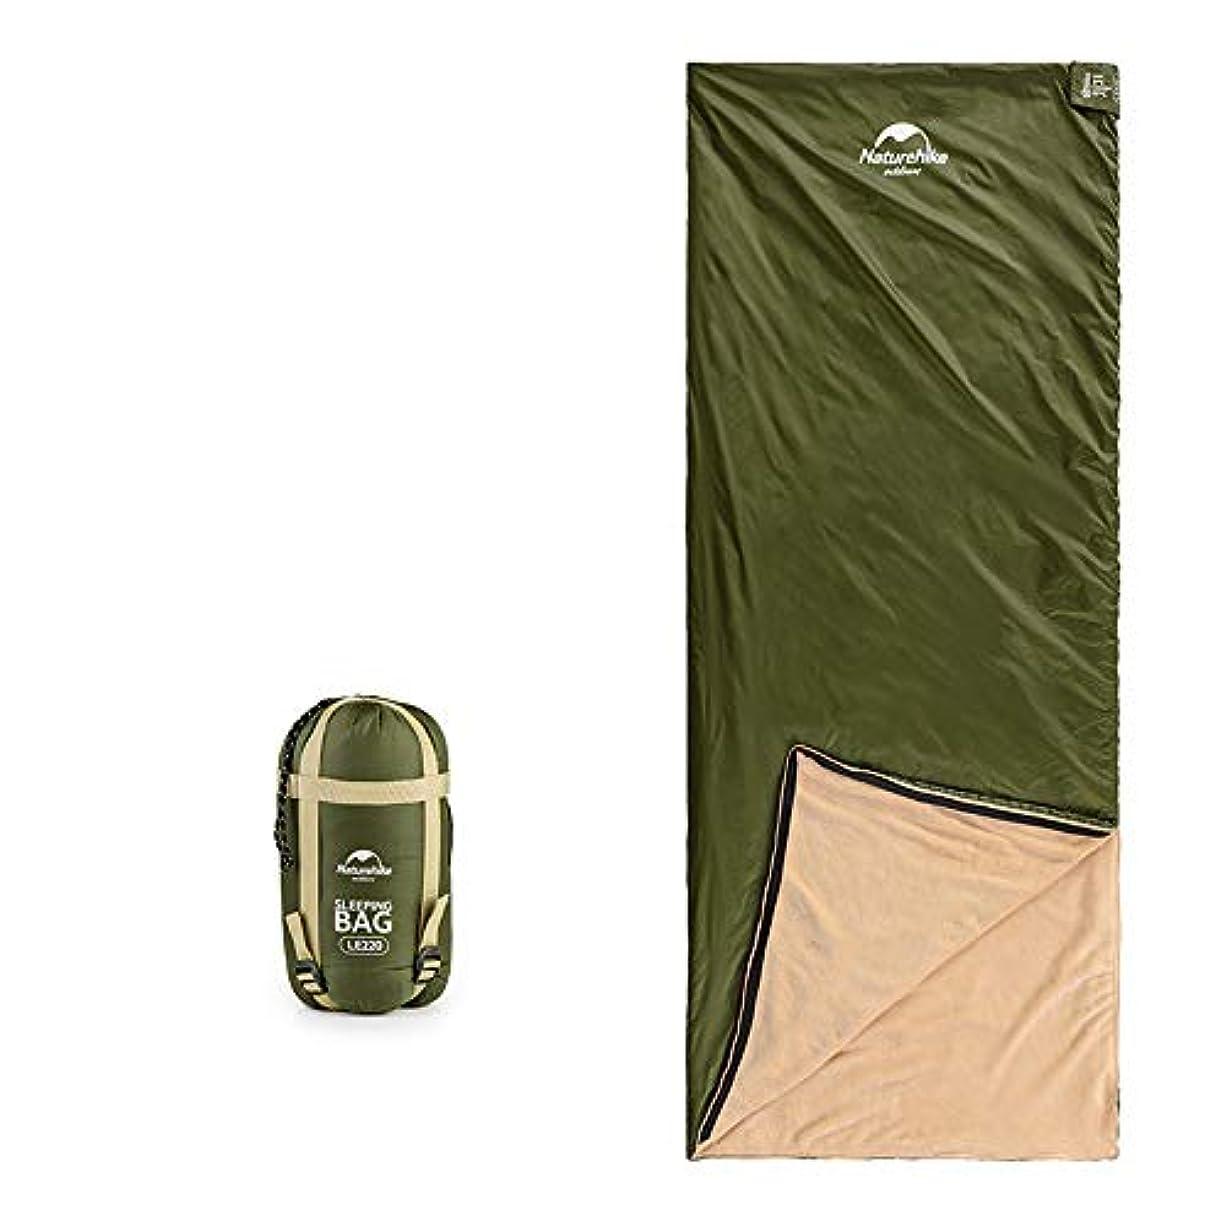 予想する特権協定寝袋内蔵のサンゴフリース、軽量で丈夫、通気性と吸湿性、アウトドアキャンプに適し、出張、旅行